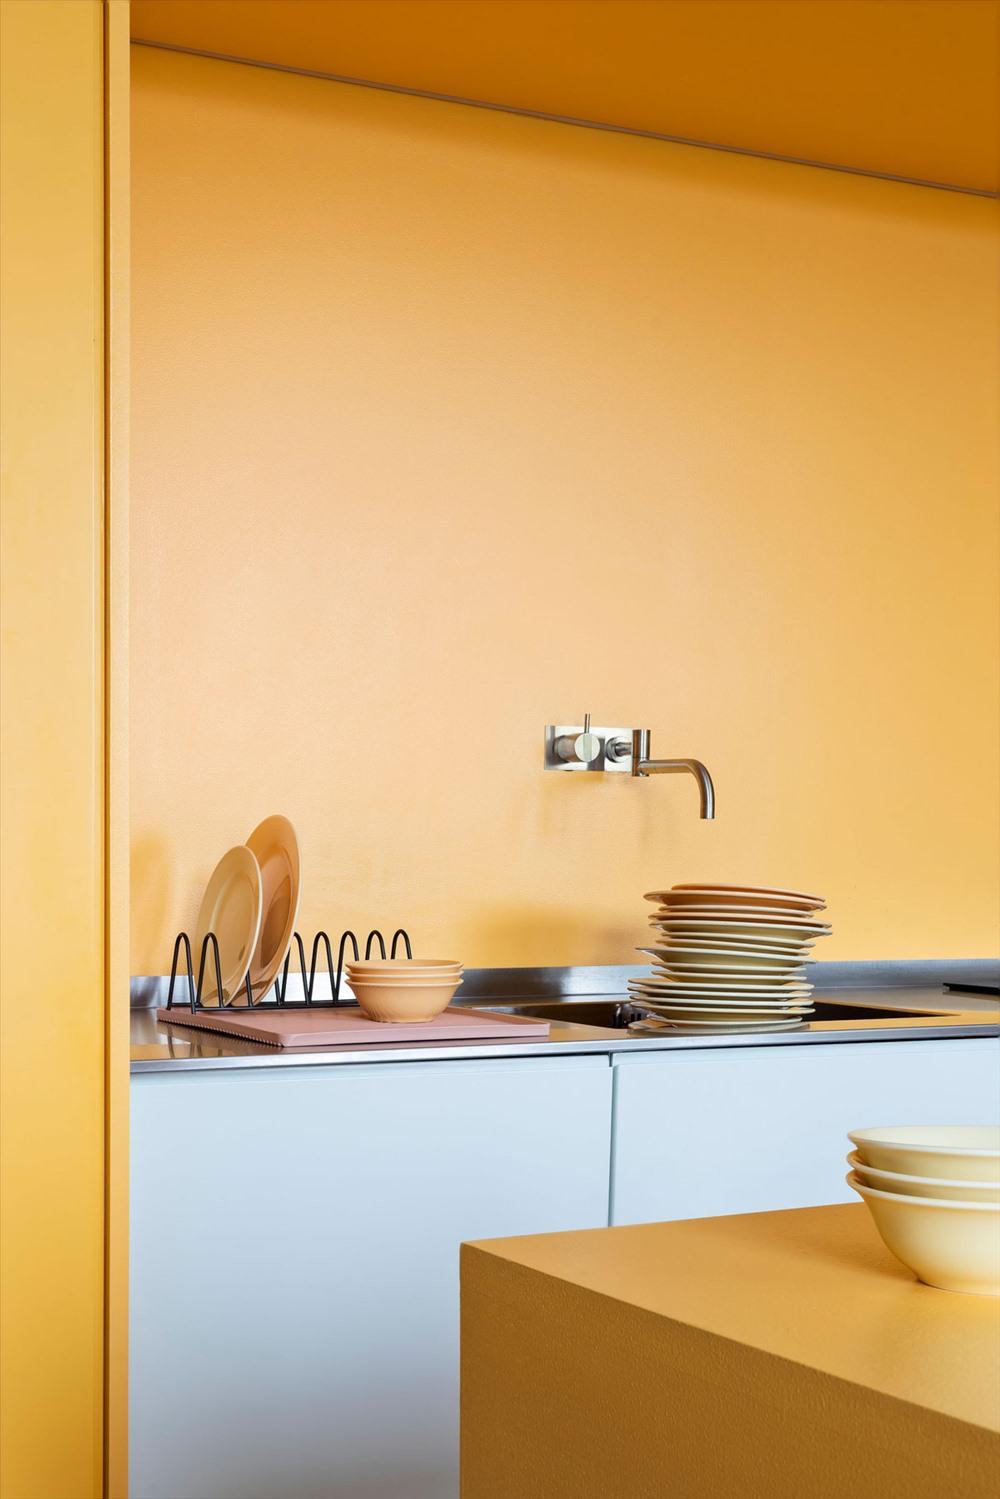 Một vòi nước bằng thép không gỉ nhô ra từ một bức tường màu vàng. Cùng với đó là giá đỡ cũng bằng thép không gỉ góp phần trang trí nhà bếp sáng bóng.